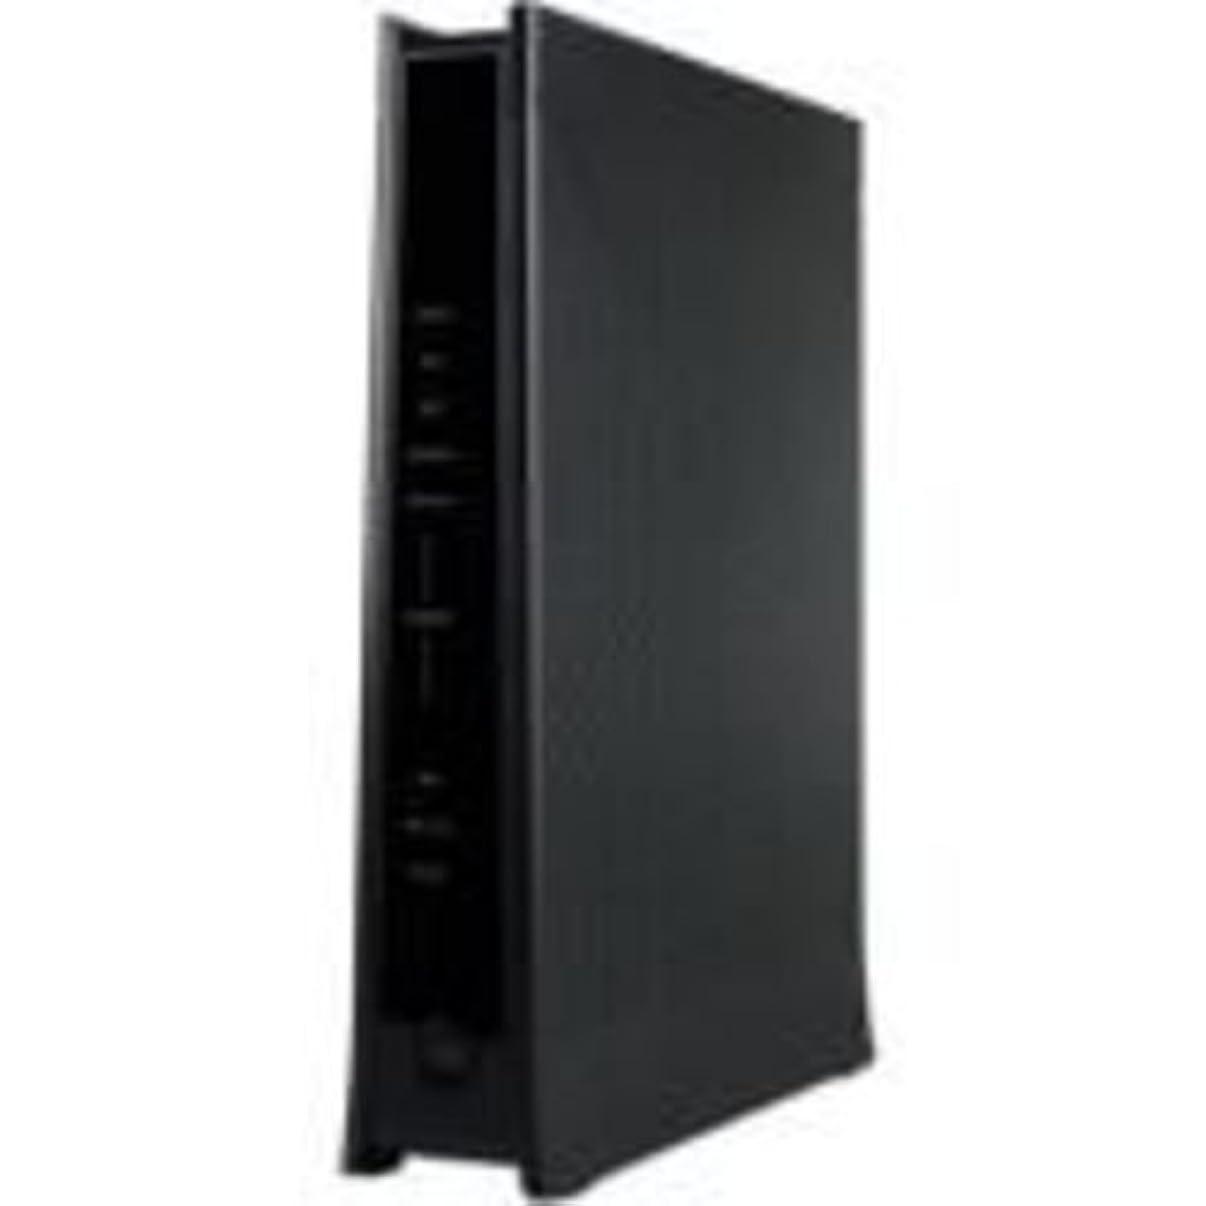 ZyXEL VMG4825 B10A - WIRELESS AC/N VDSL2 COMBO WAN (VDSL+GBE WAN) MODEM GBE GATEWAY AC